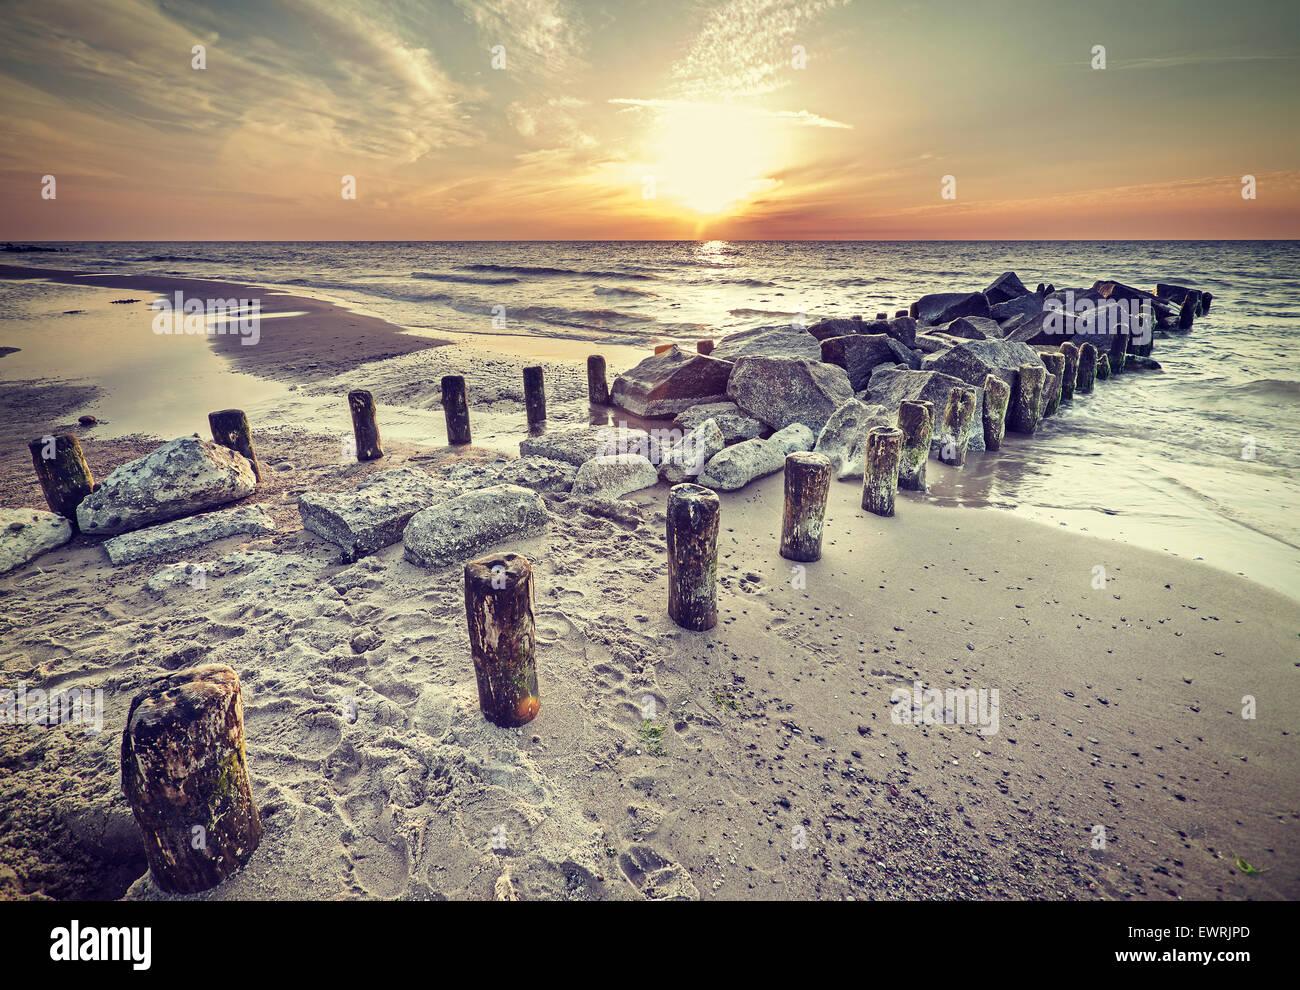 Retro-Vintage-Stil schöne Sonnenuntergang über Ostseeküste, Miedzyzdroje in Polen. Stockbild